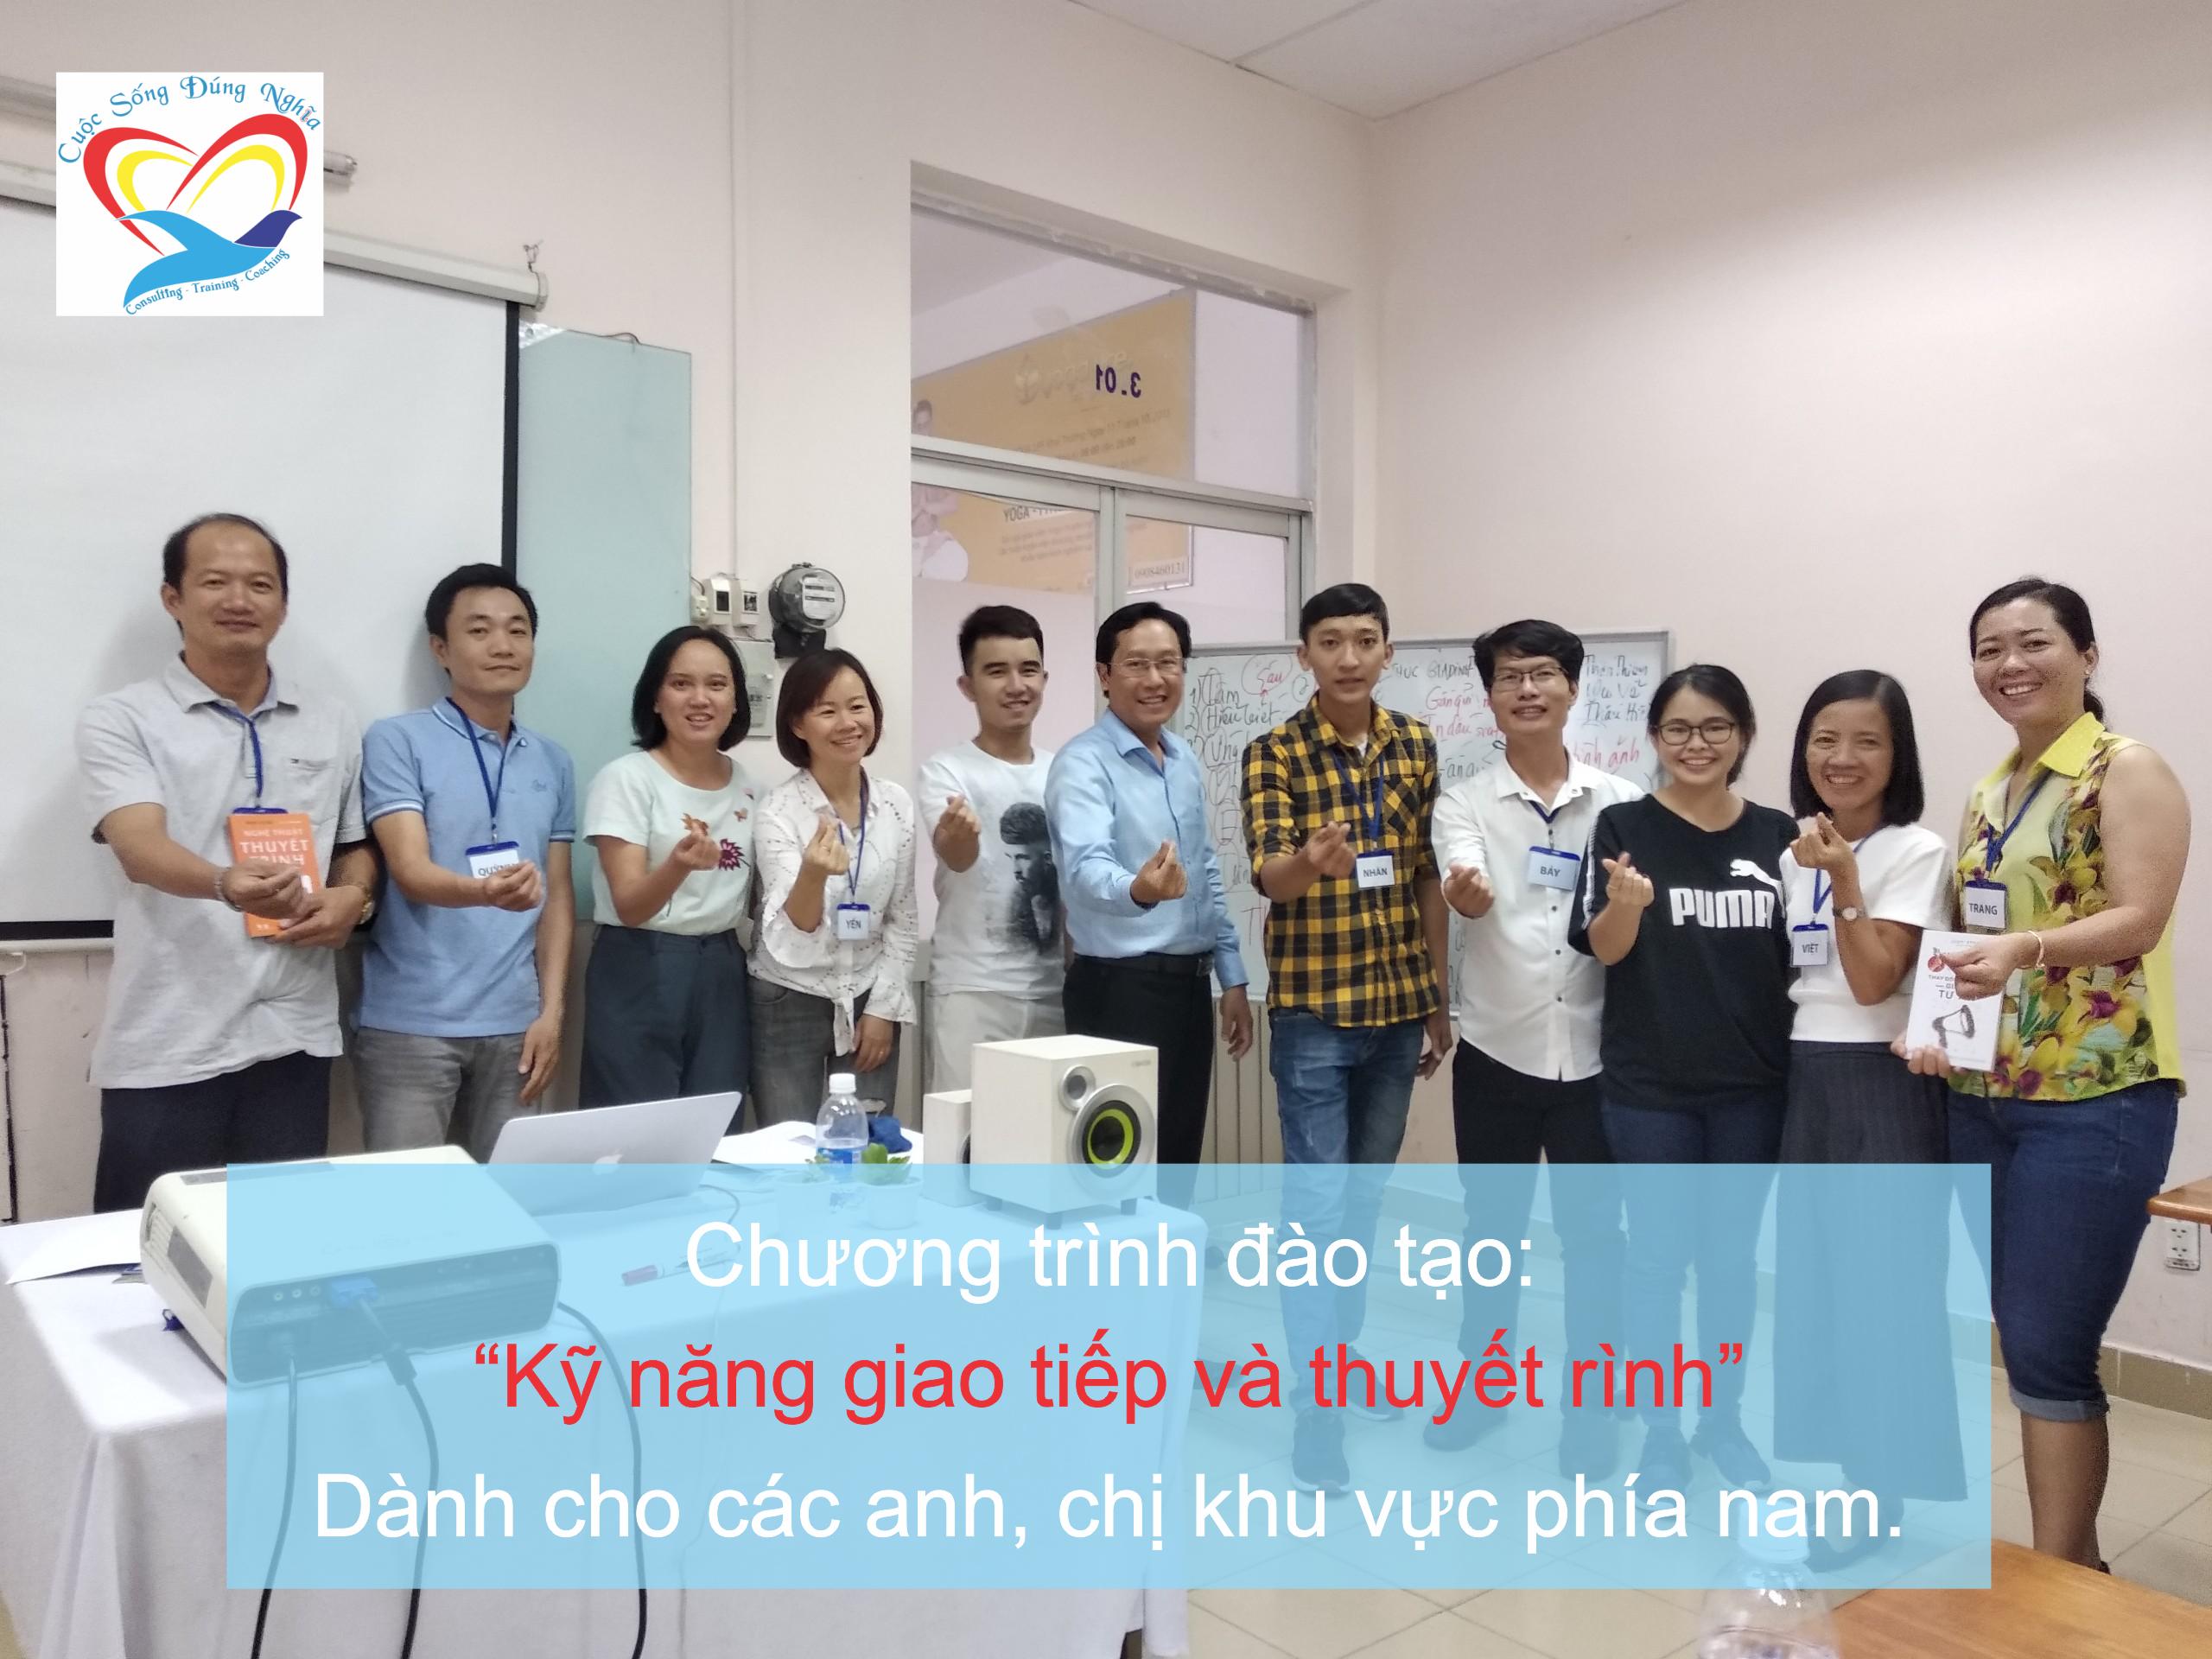 """Đào tạo public: """"Kỹ Năng Giao Tiếp và Thuyết Trình Thuyết Phục"""" tại Hồ Chí Minh tháng 06 năm 2019"""